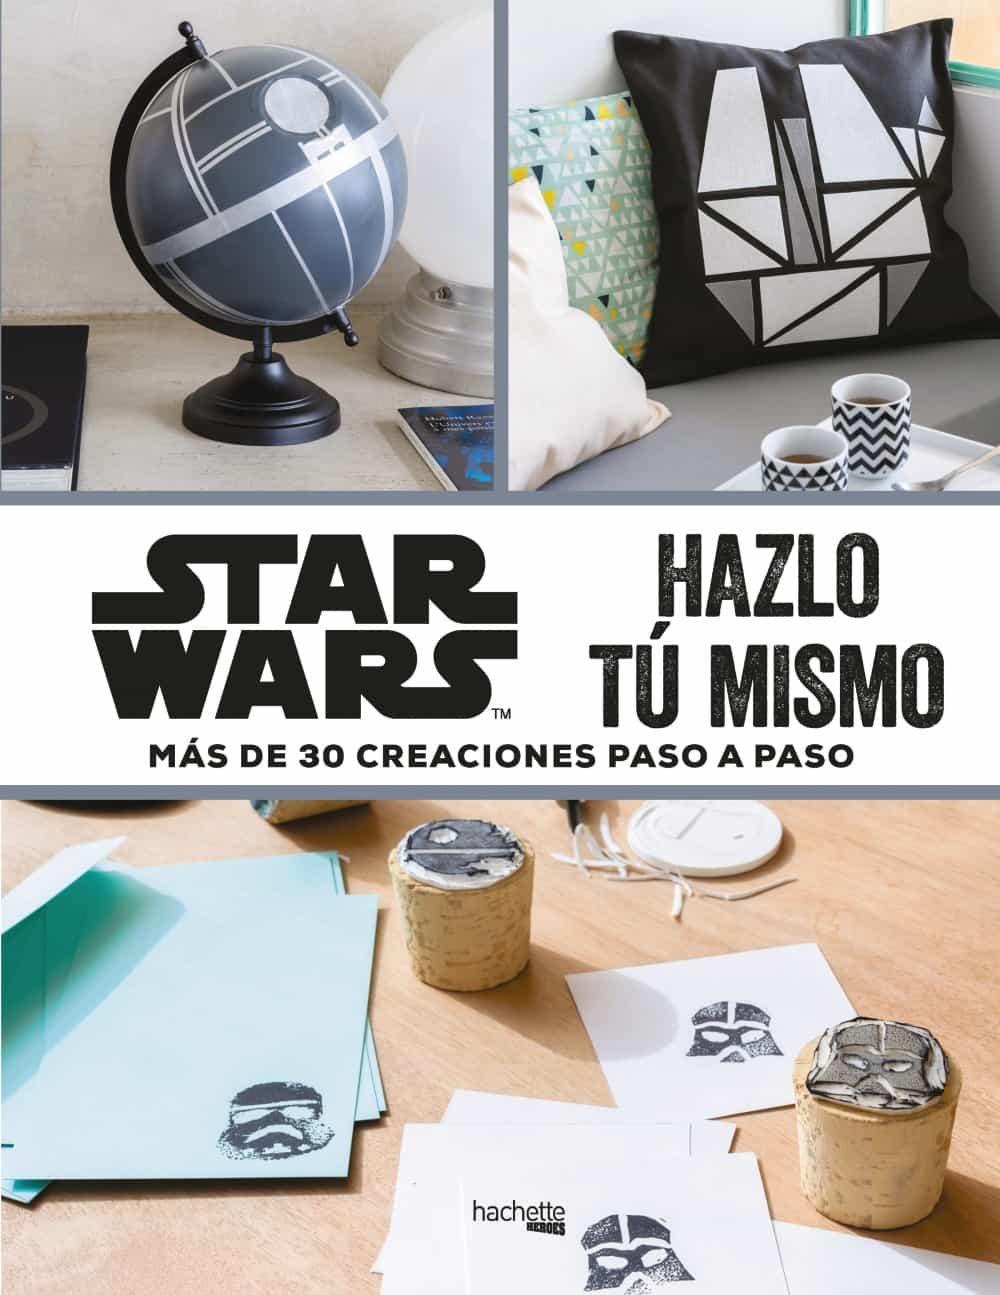 STAR WARS HAZLO TU MISMO MELANIE PEROL Comprar libro 9788416857395